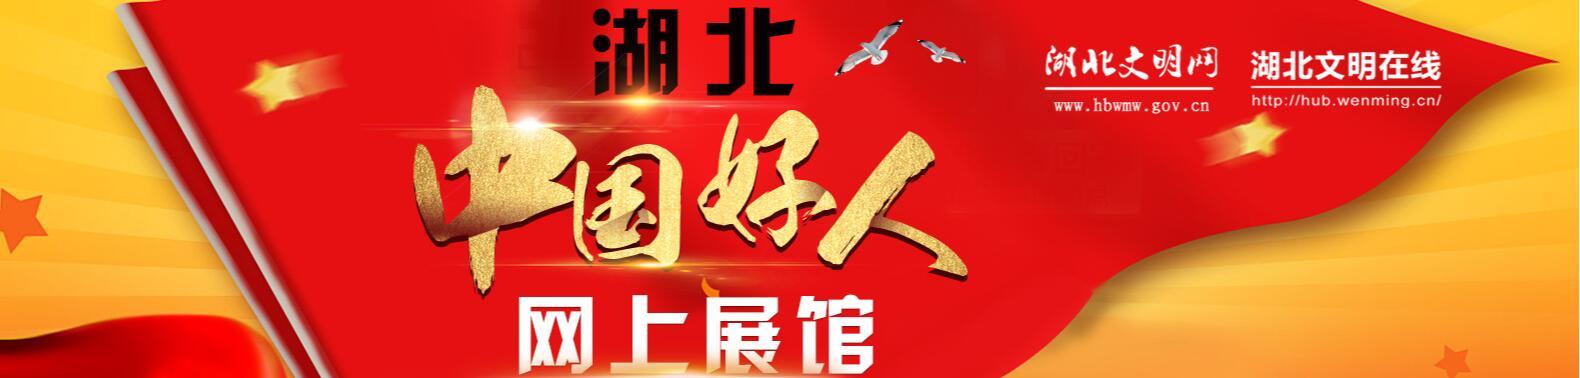 湖北中国好人网上展馆